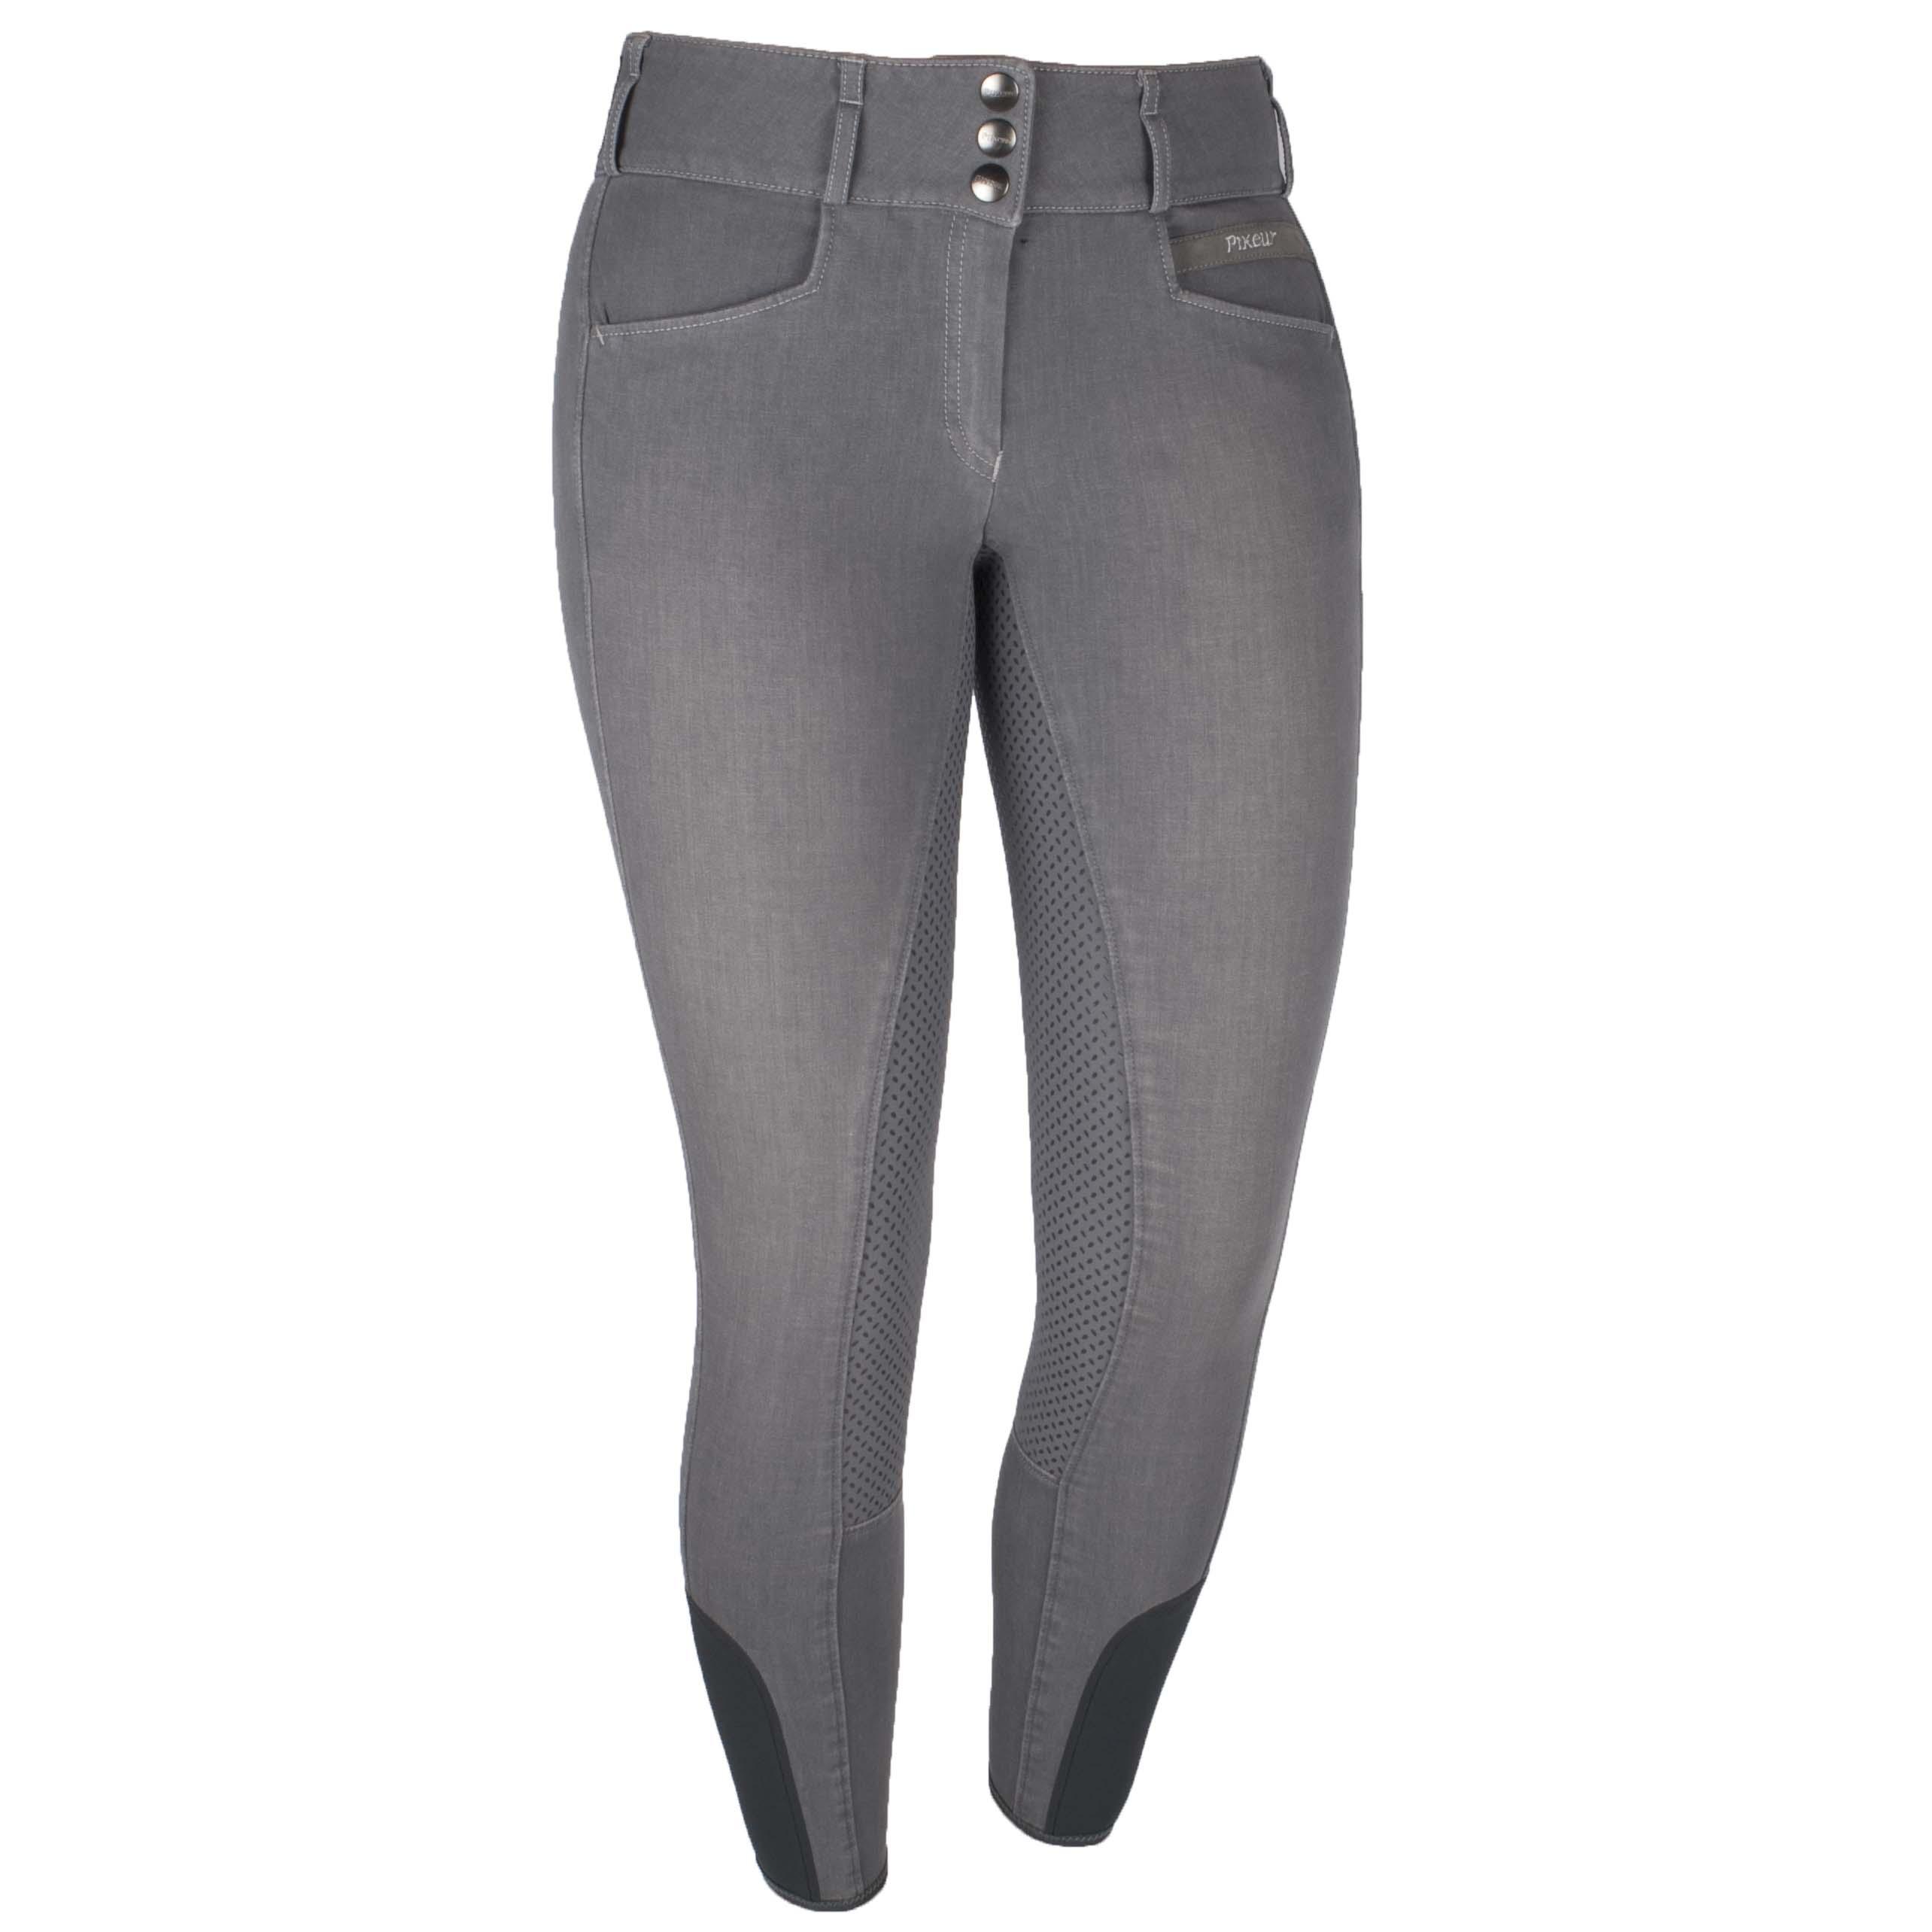 Pikeur Candela Grip jeans rijbroek zwart maat:38